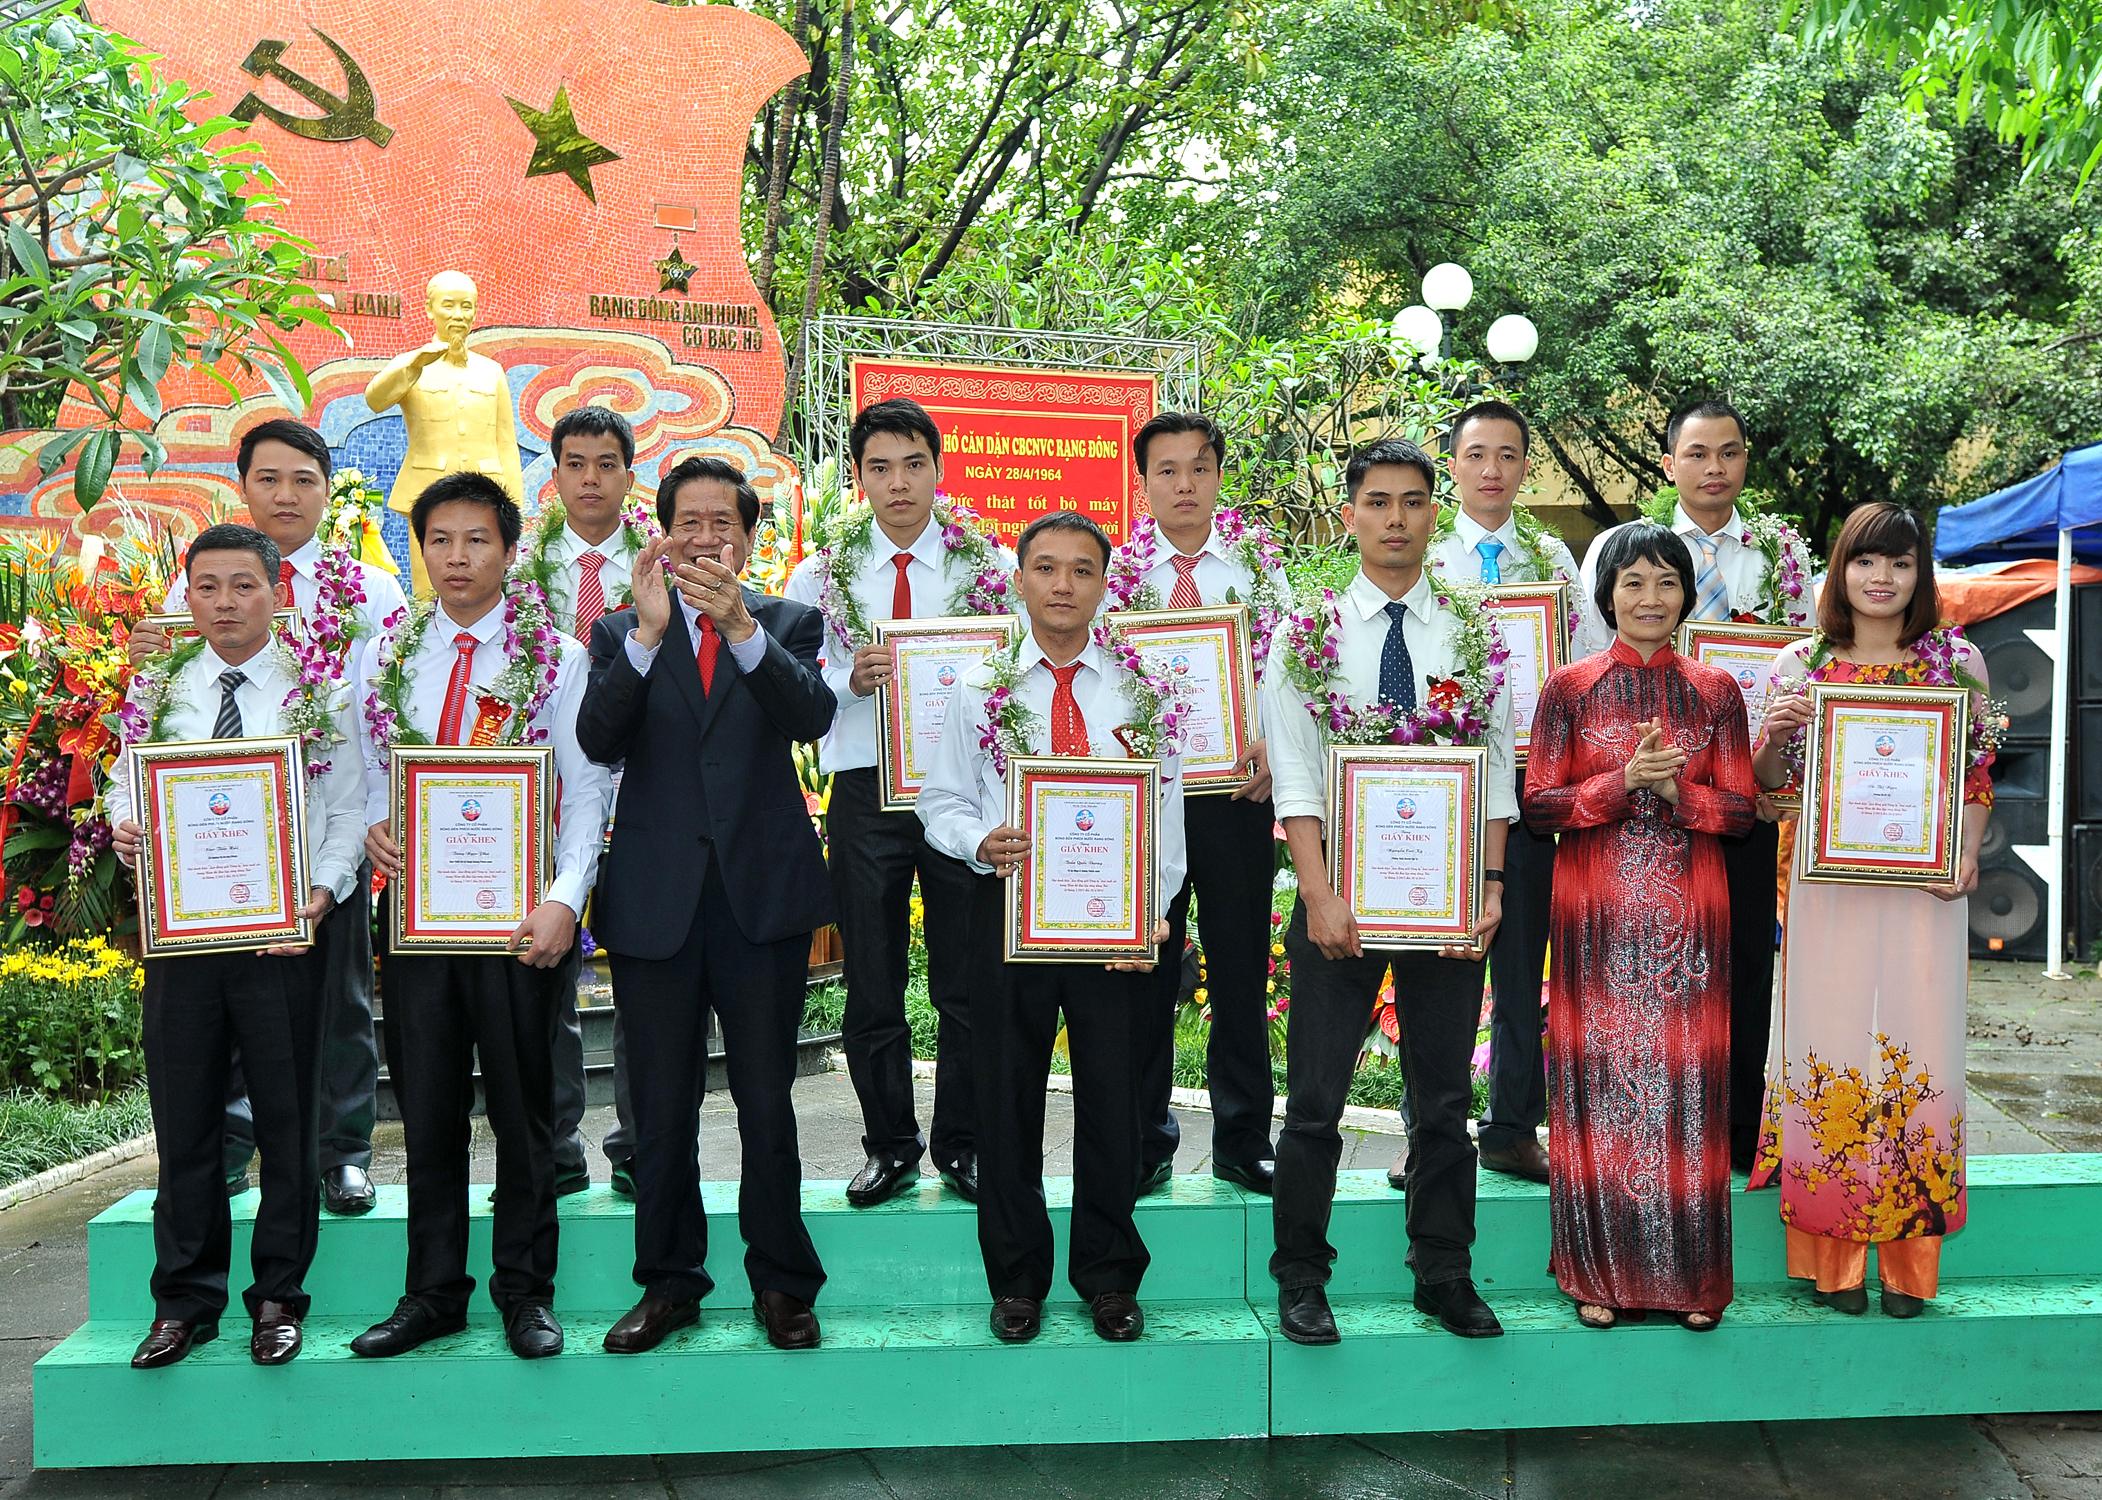 Học tập và làm theo tấm gương đạo đức Hồ Chí Minh: Bài học từ Rạng Đông